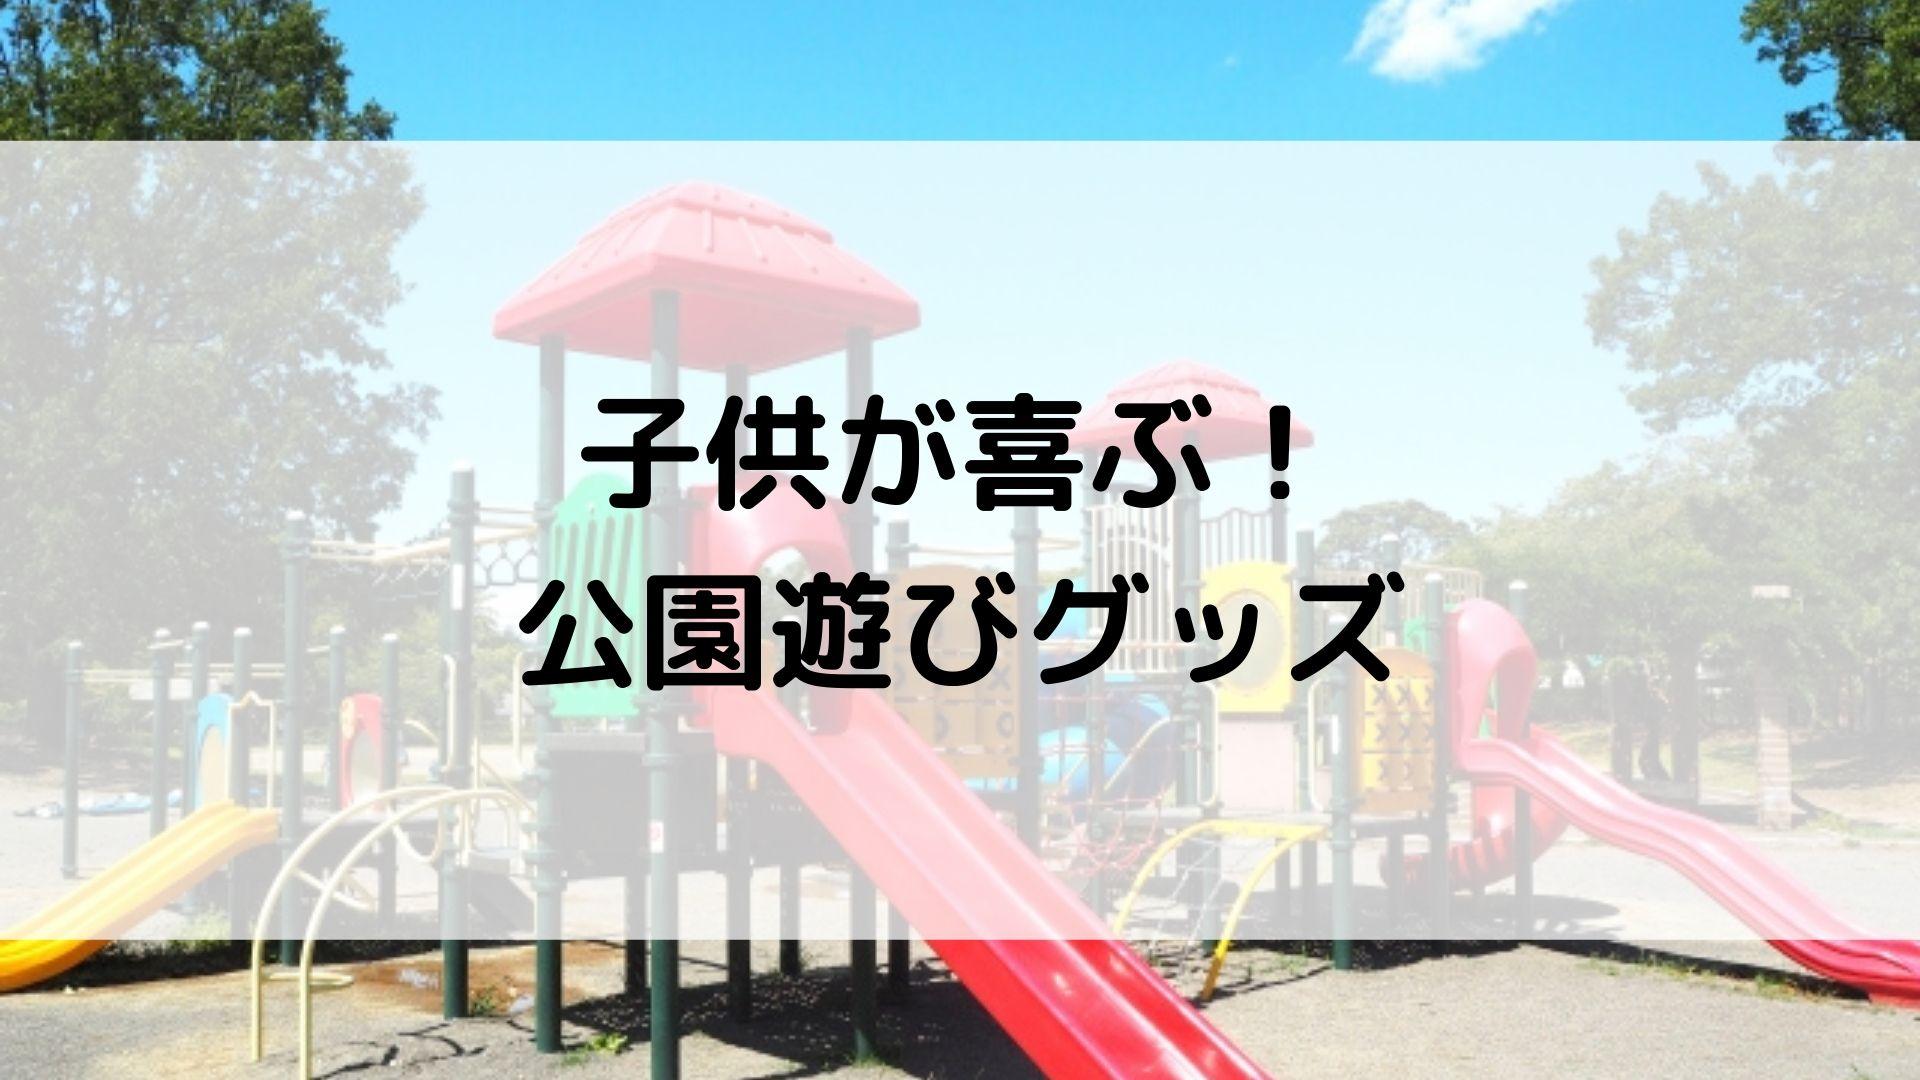 子供が喜ぶ!公園遊びグッズ